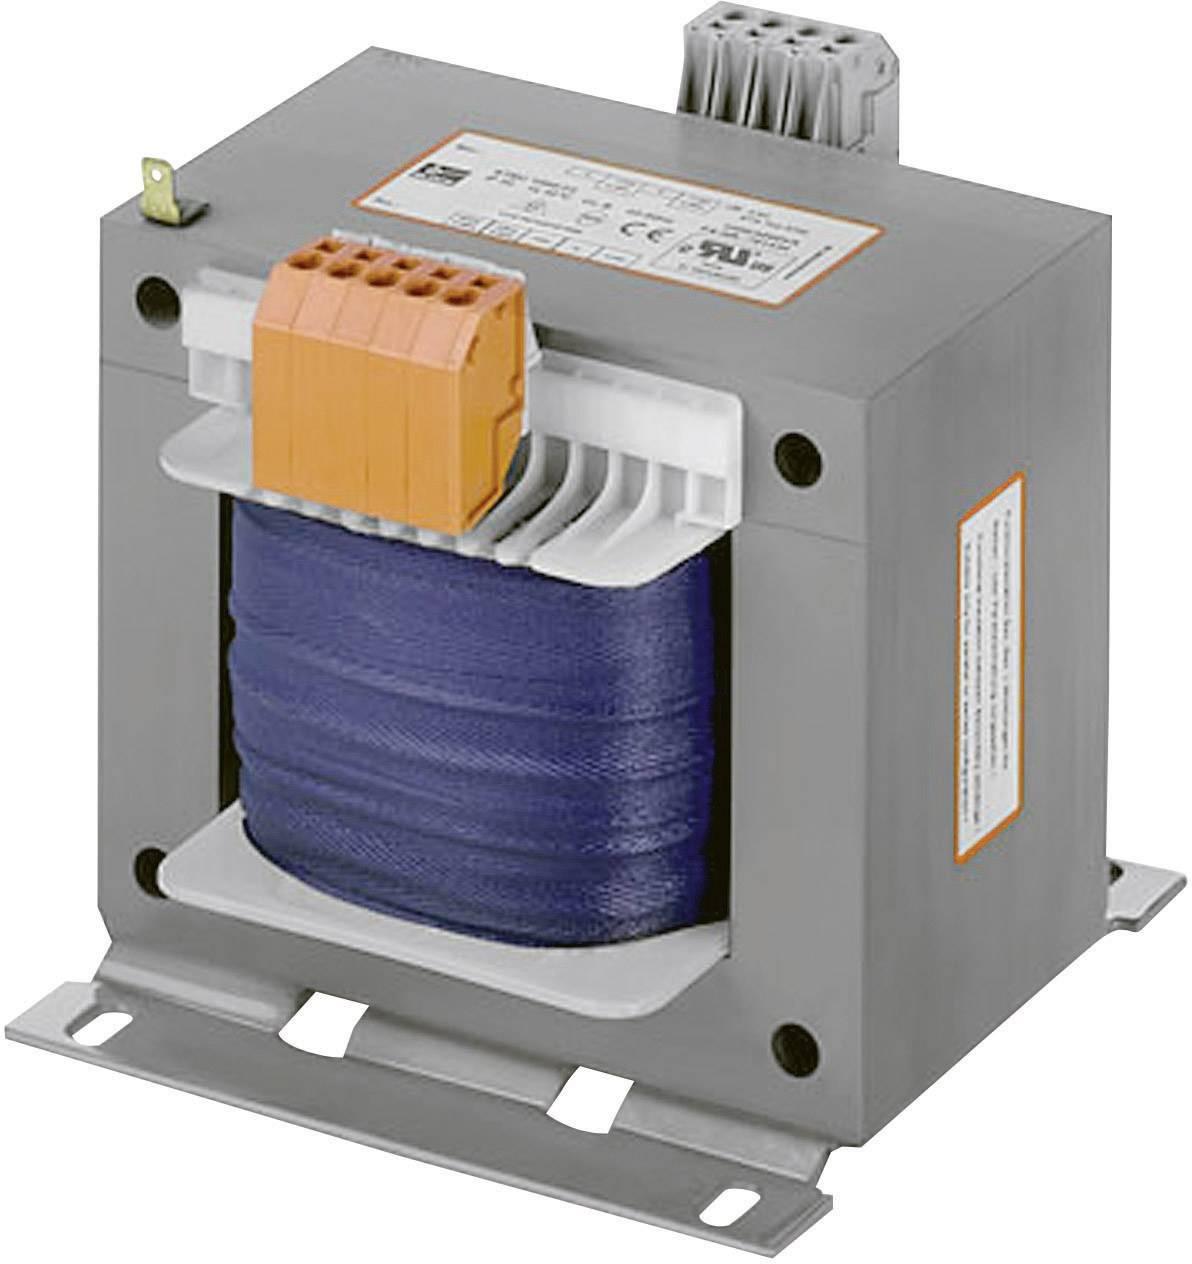 Bezpečnostný transformátor, riadiaci transformátor, izolačný transformátor Block STEU 320/48, 320 VA